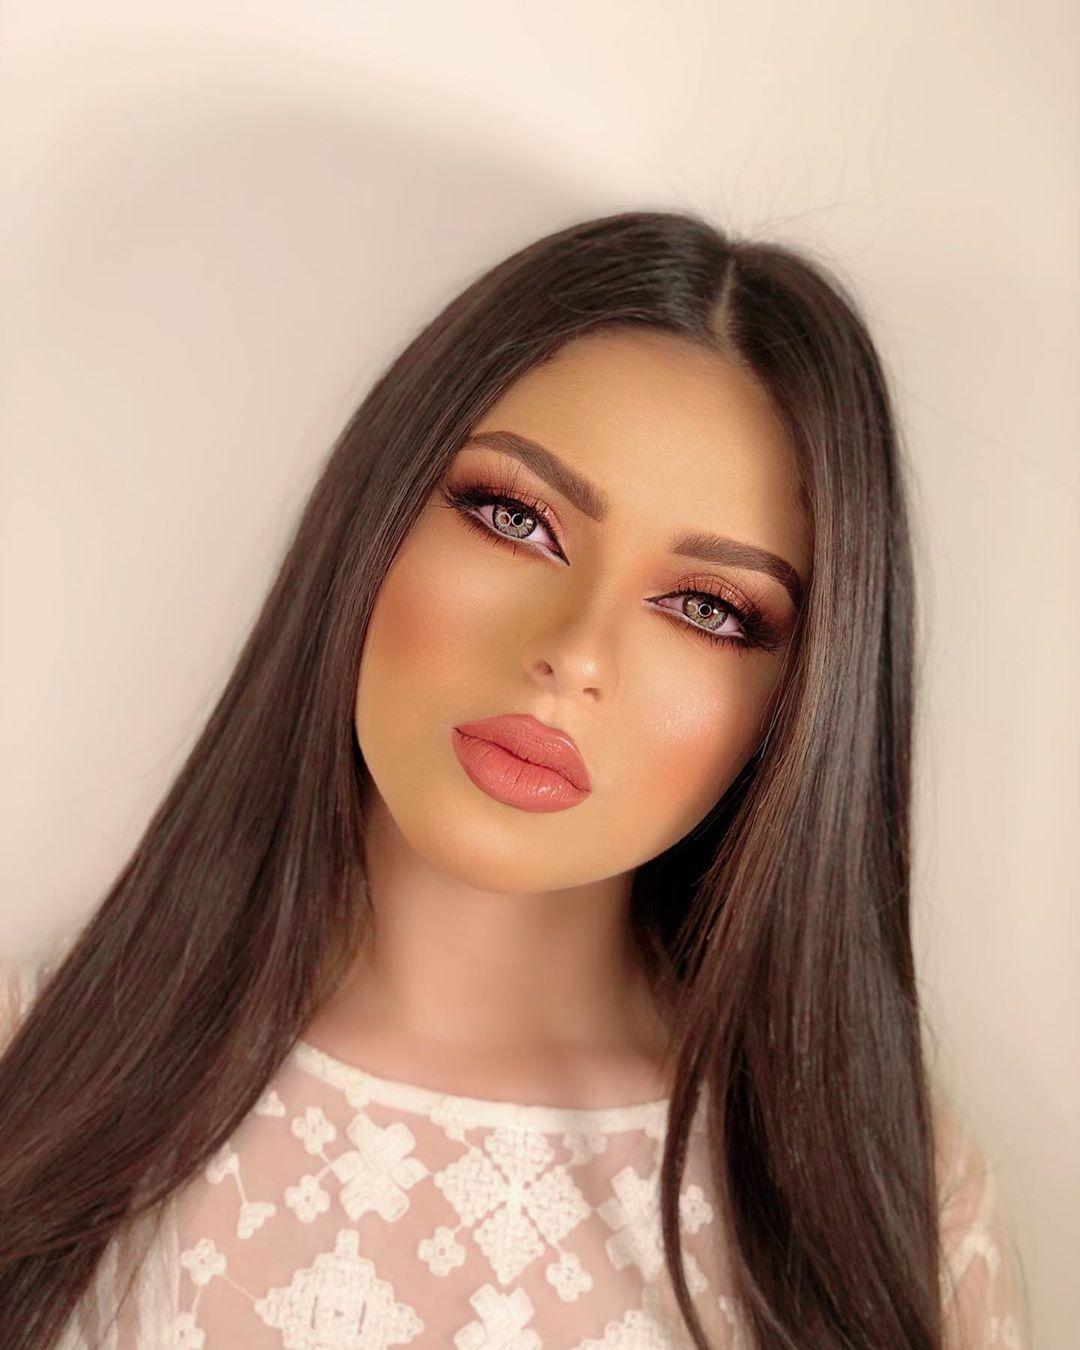 Makeup By Ruqaya Makeup Wedding Hair And Makeup Hair Makeup Bridal Makeup Looks